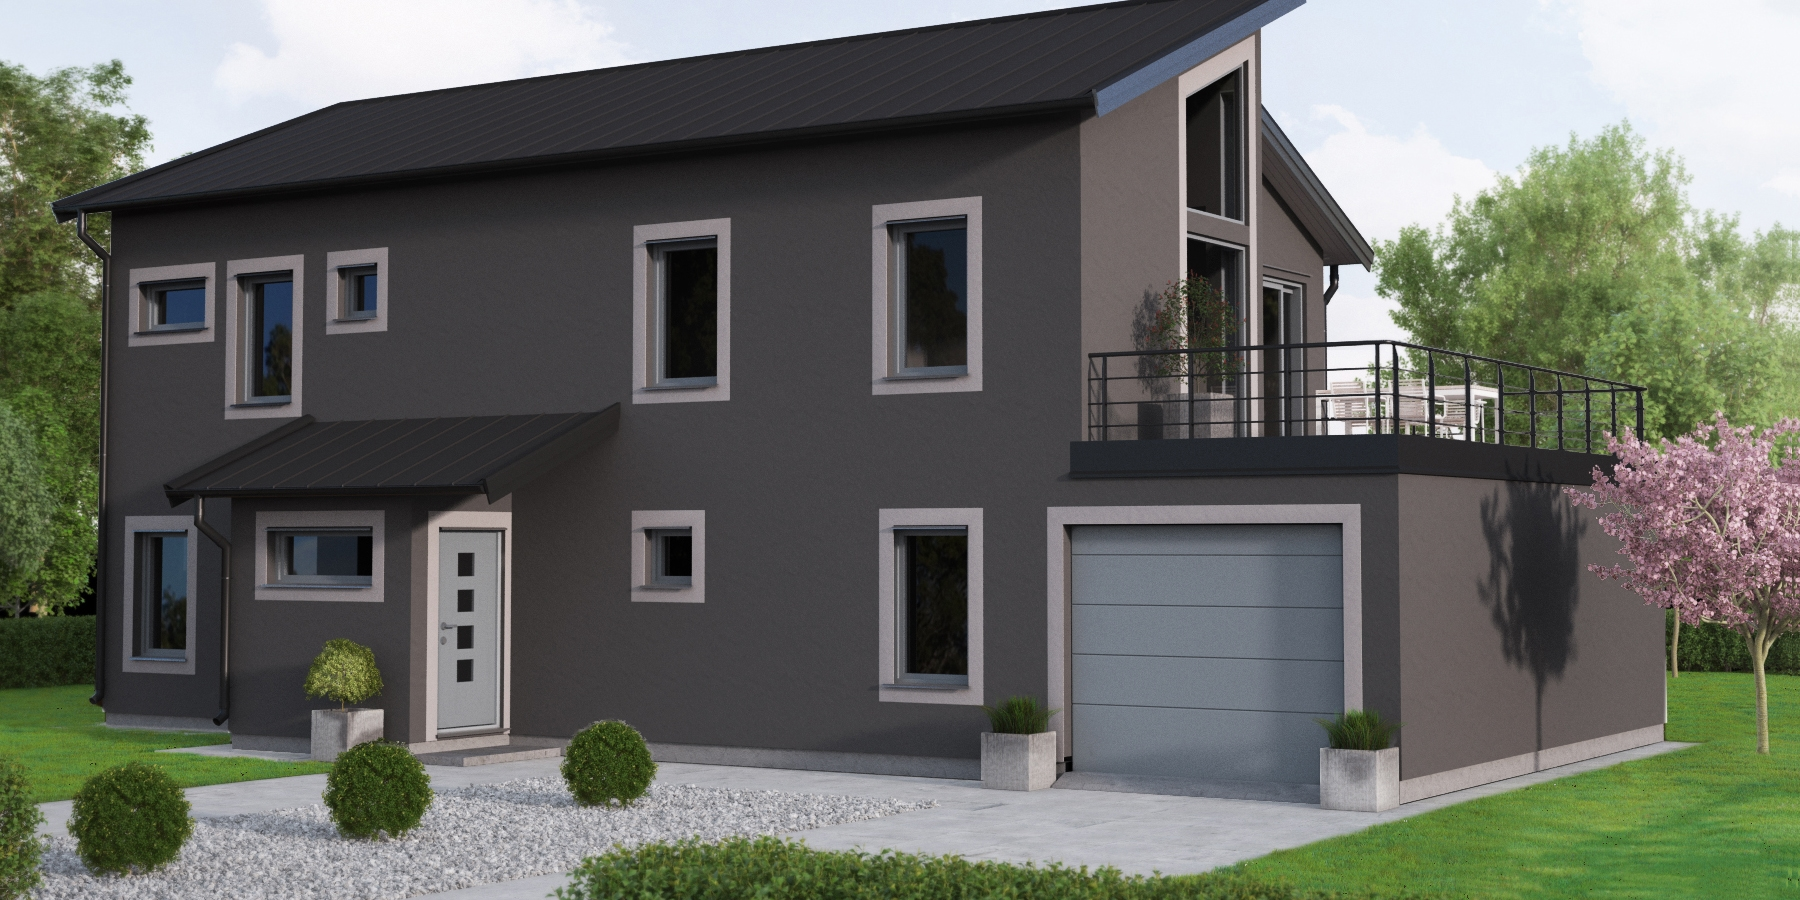 Inspiration för målning av svart eller grått hus - Caparol Färg